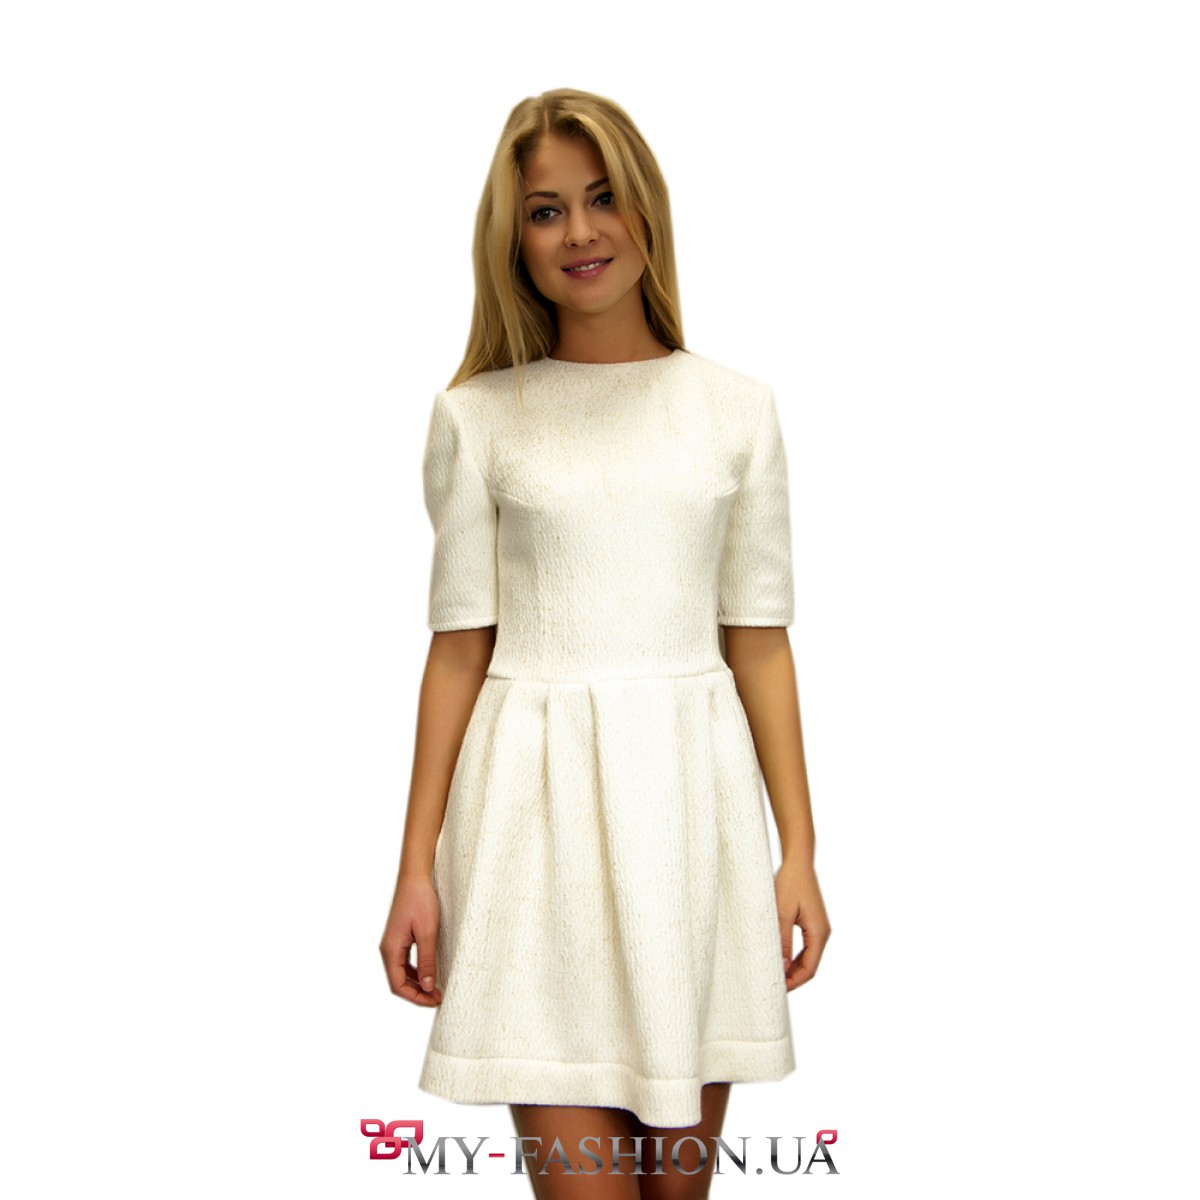 Платье из жаккарда короткое